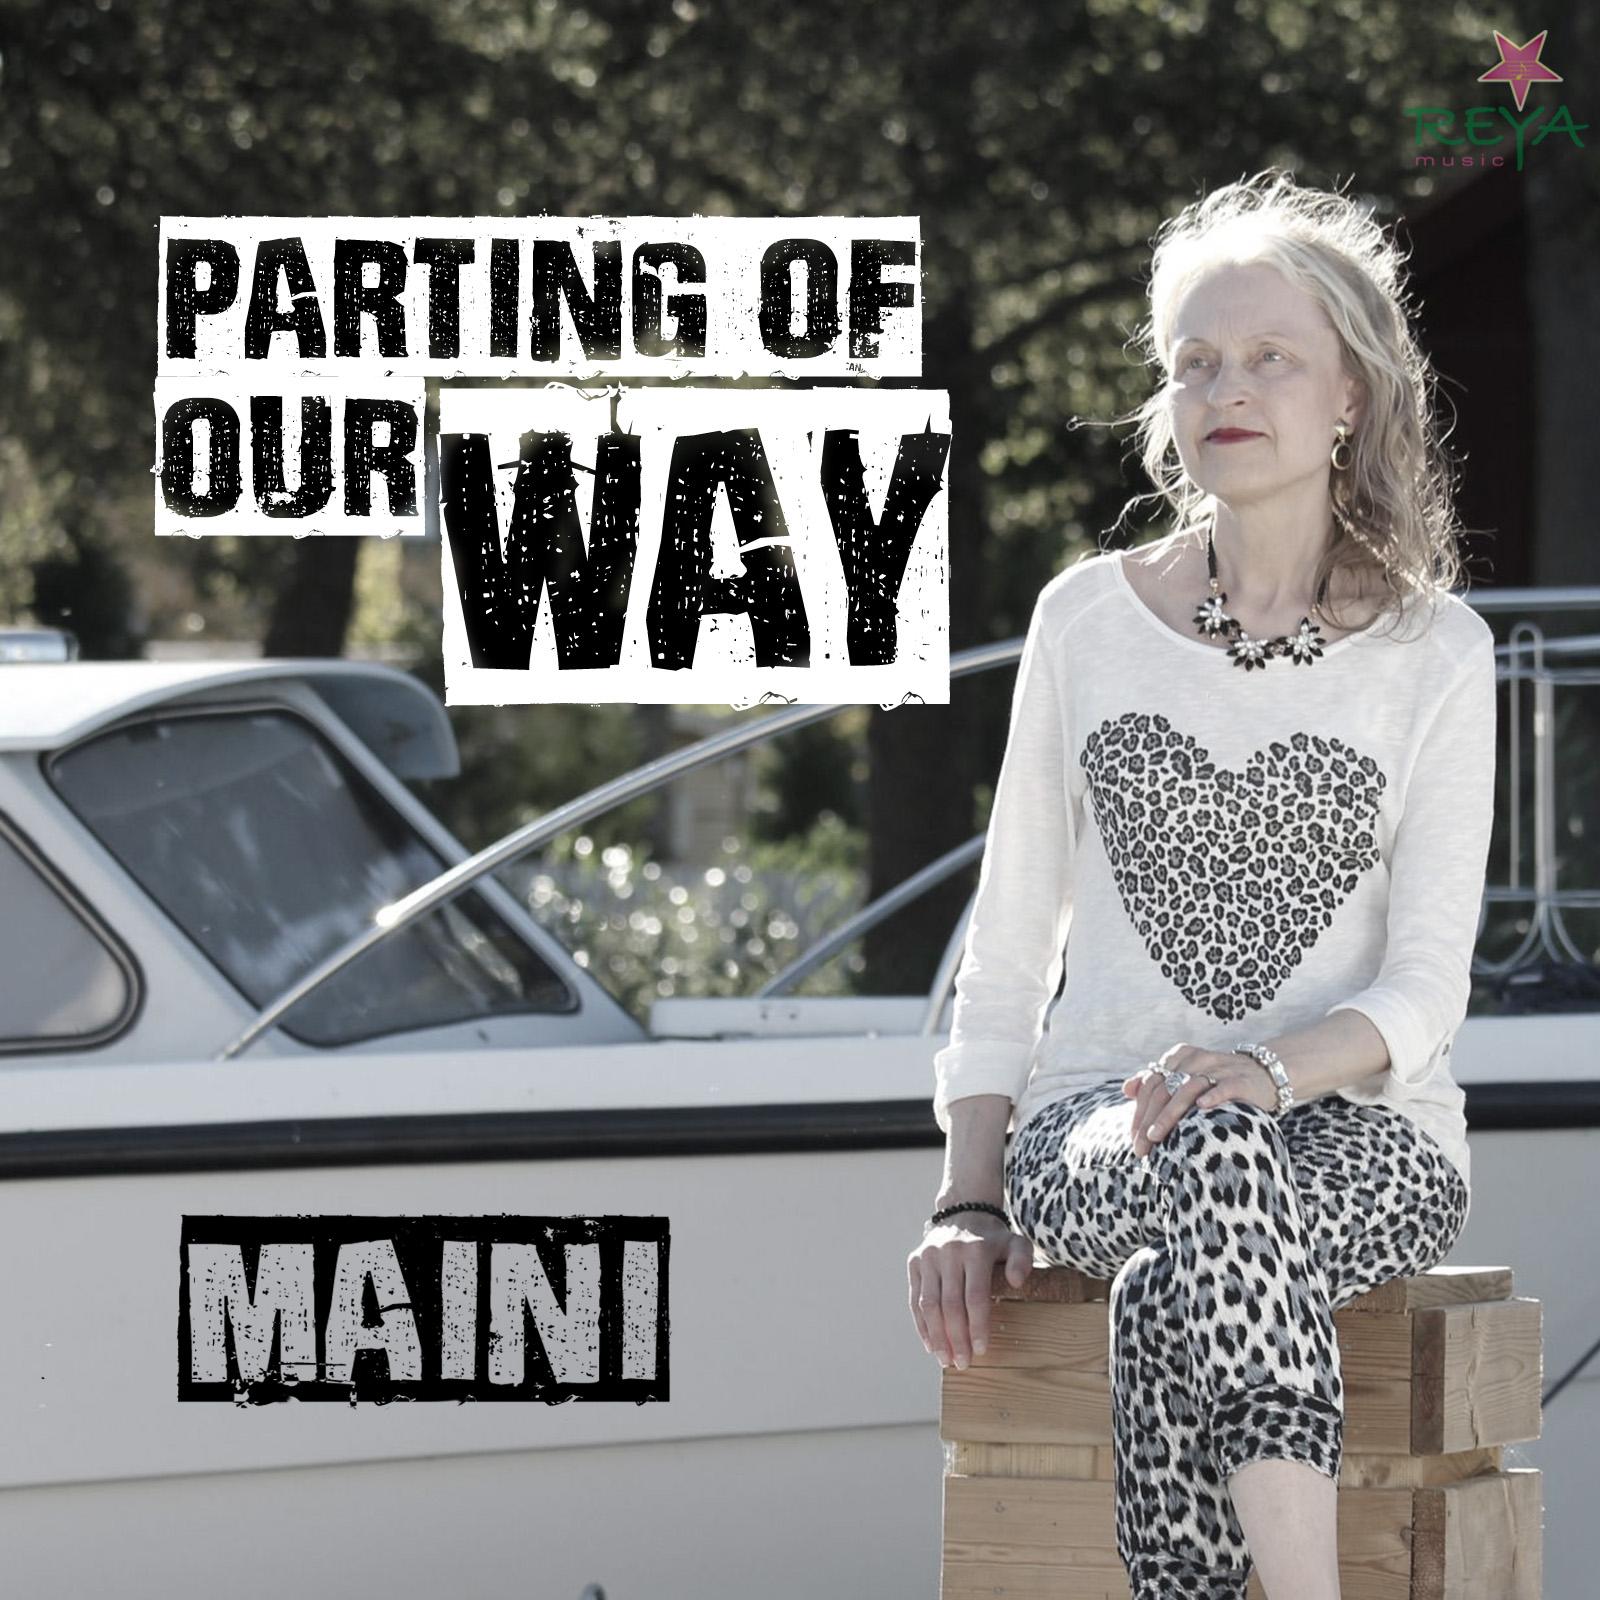 Maini__Parting_Of_Our_Way_CD_artwork.jpg